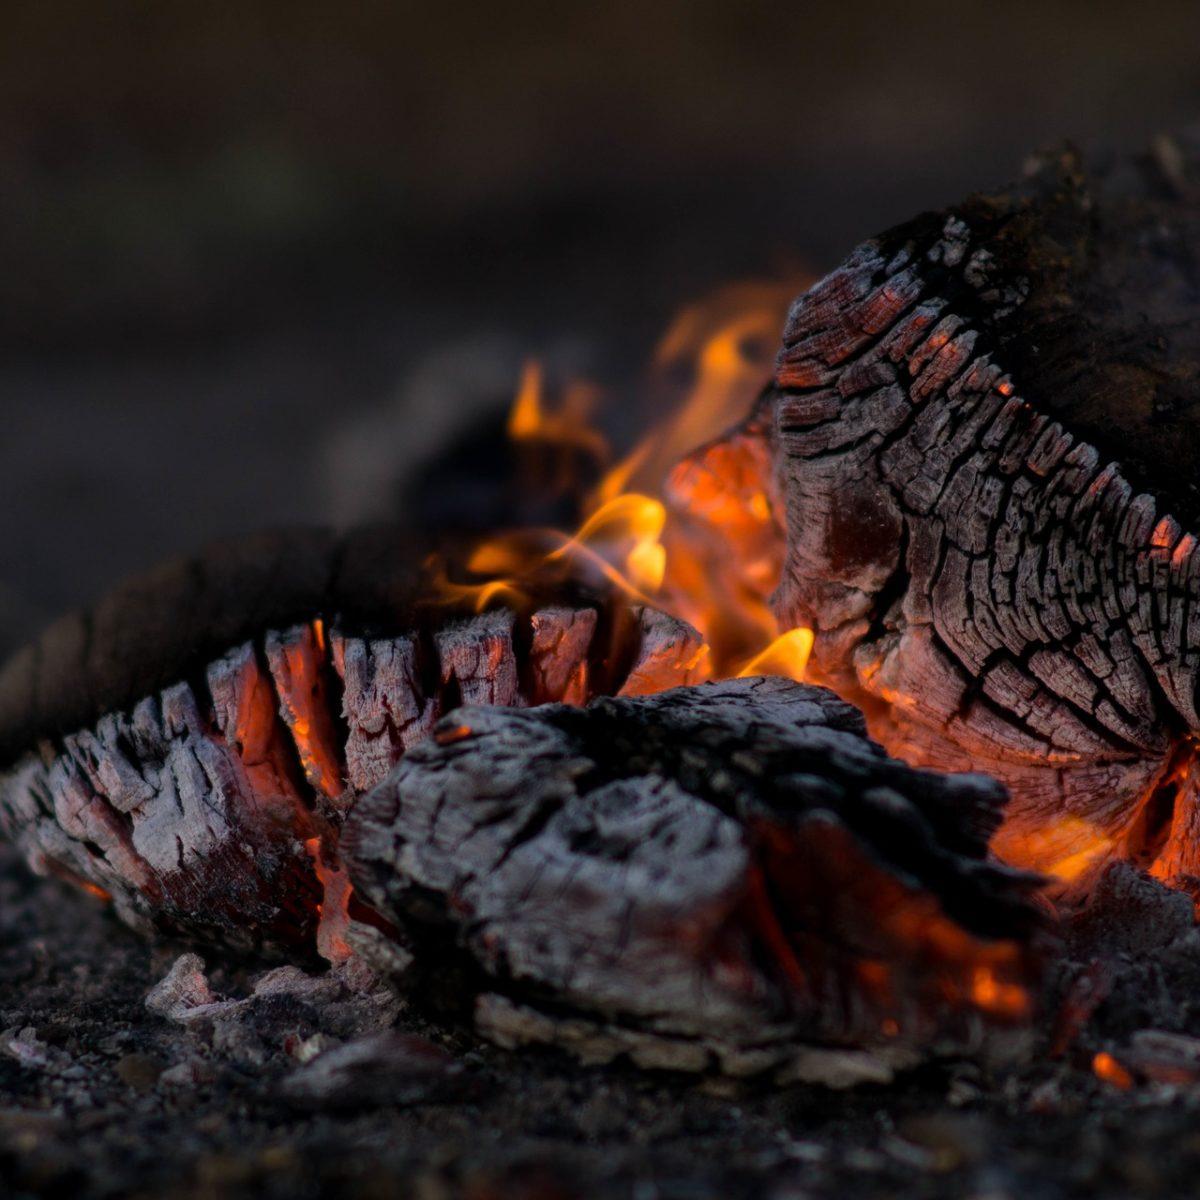 Feuer,Feuerzeug, Anzündhilfe, Magnesium Feuerzeug, Outdoor Feuer, günstig im onlineshop kaufen